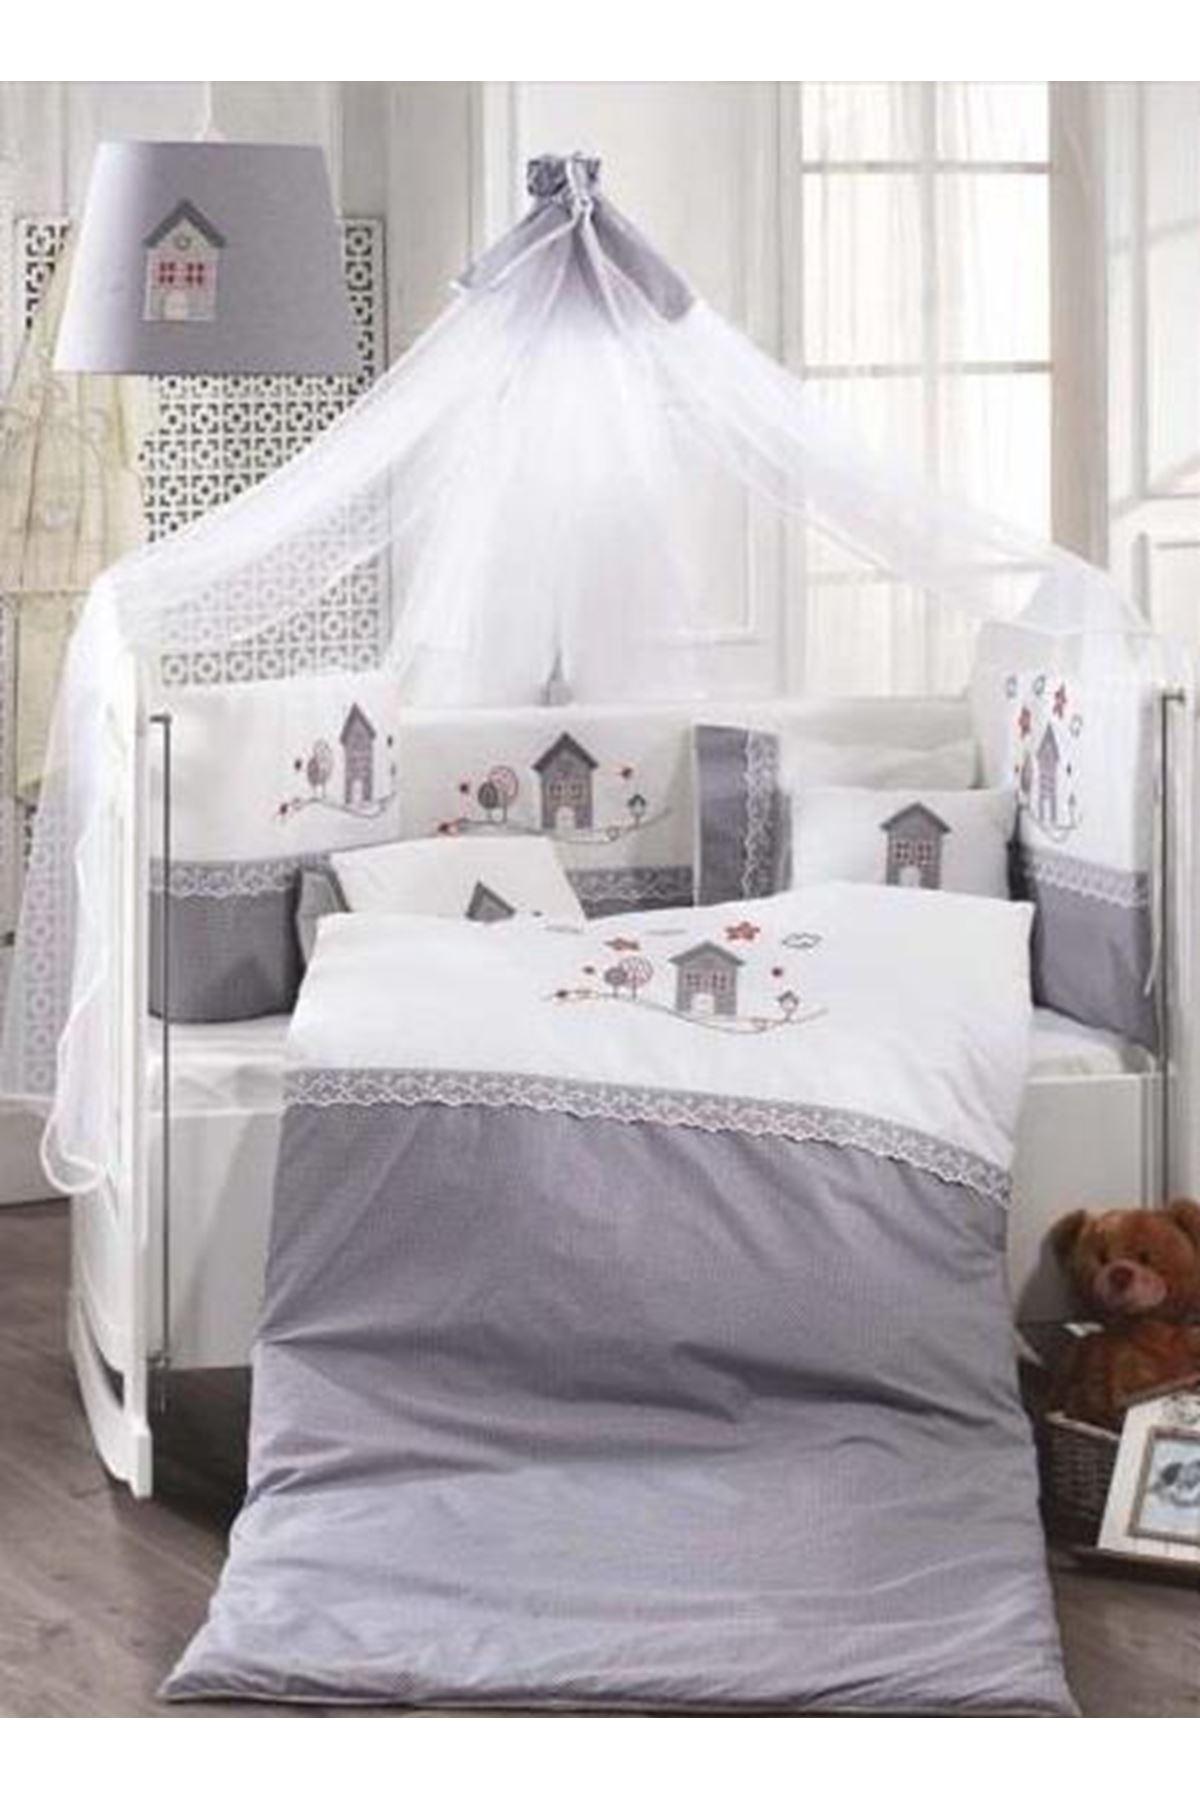 Momi Shop Küçük Ev Bebek Beşik Uyku Seti Gri